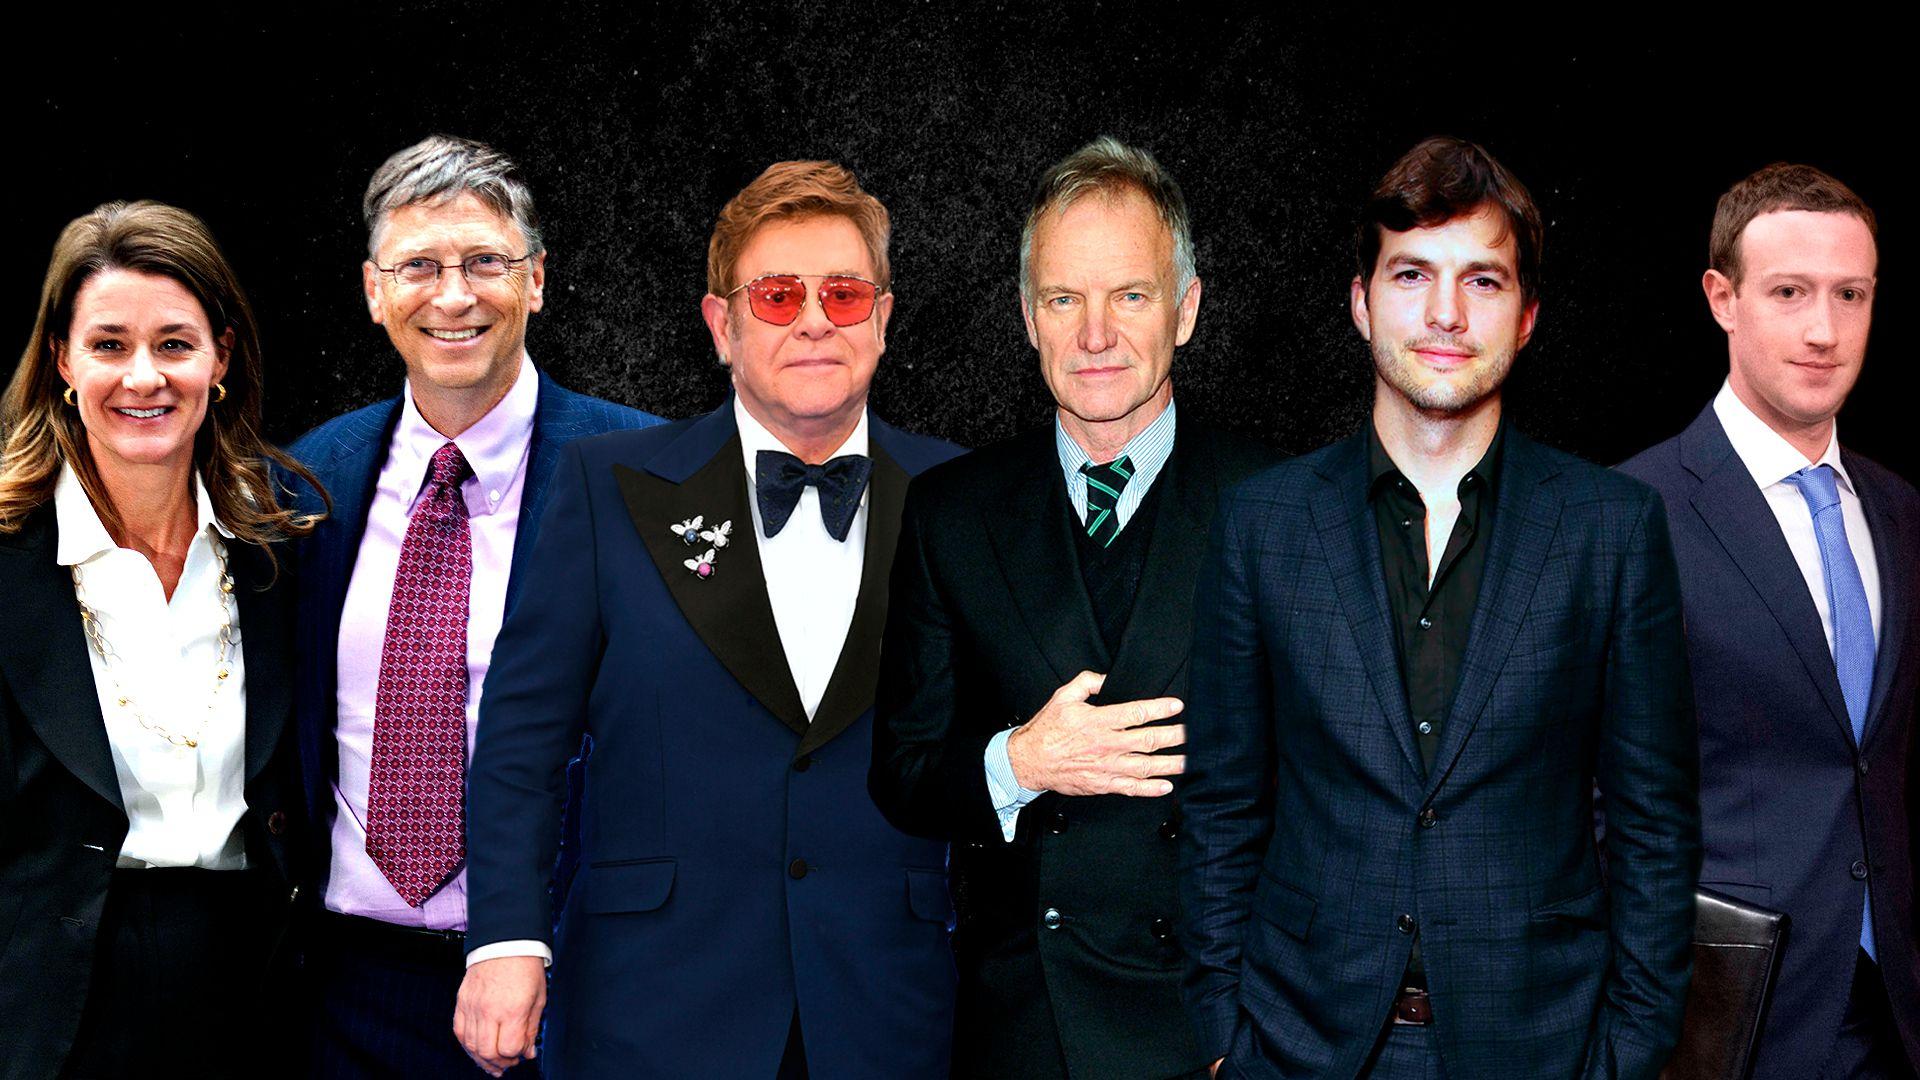 Estas estrellas y multimillonarios desheredaron a sus hijos: cuáles fueron sus razones